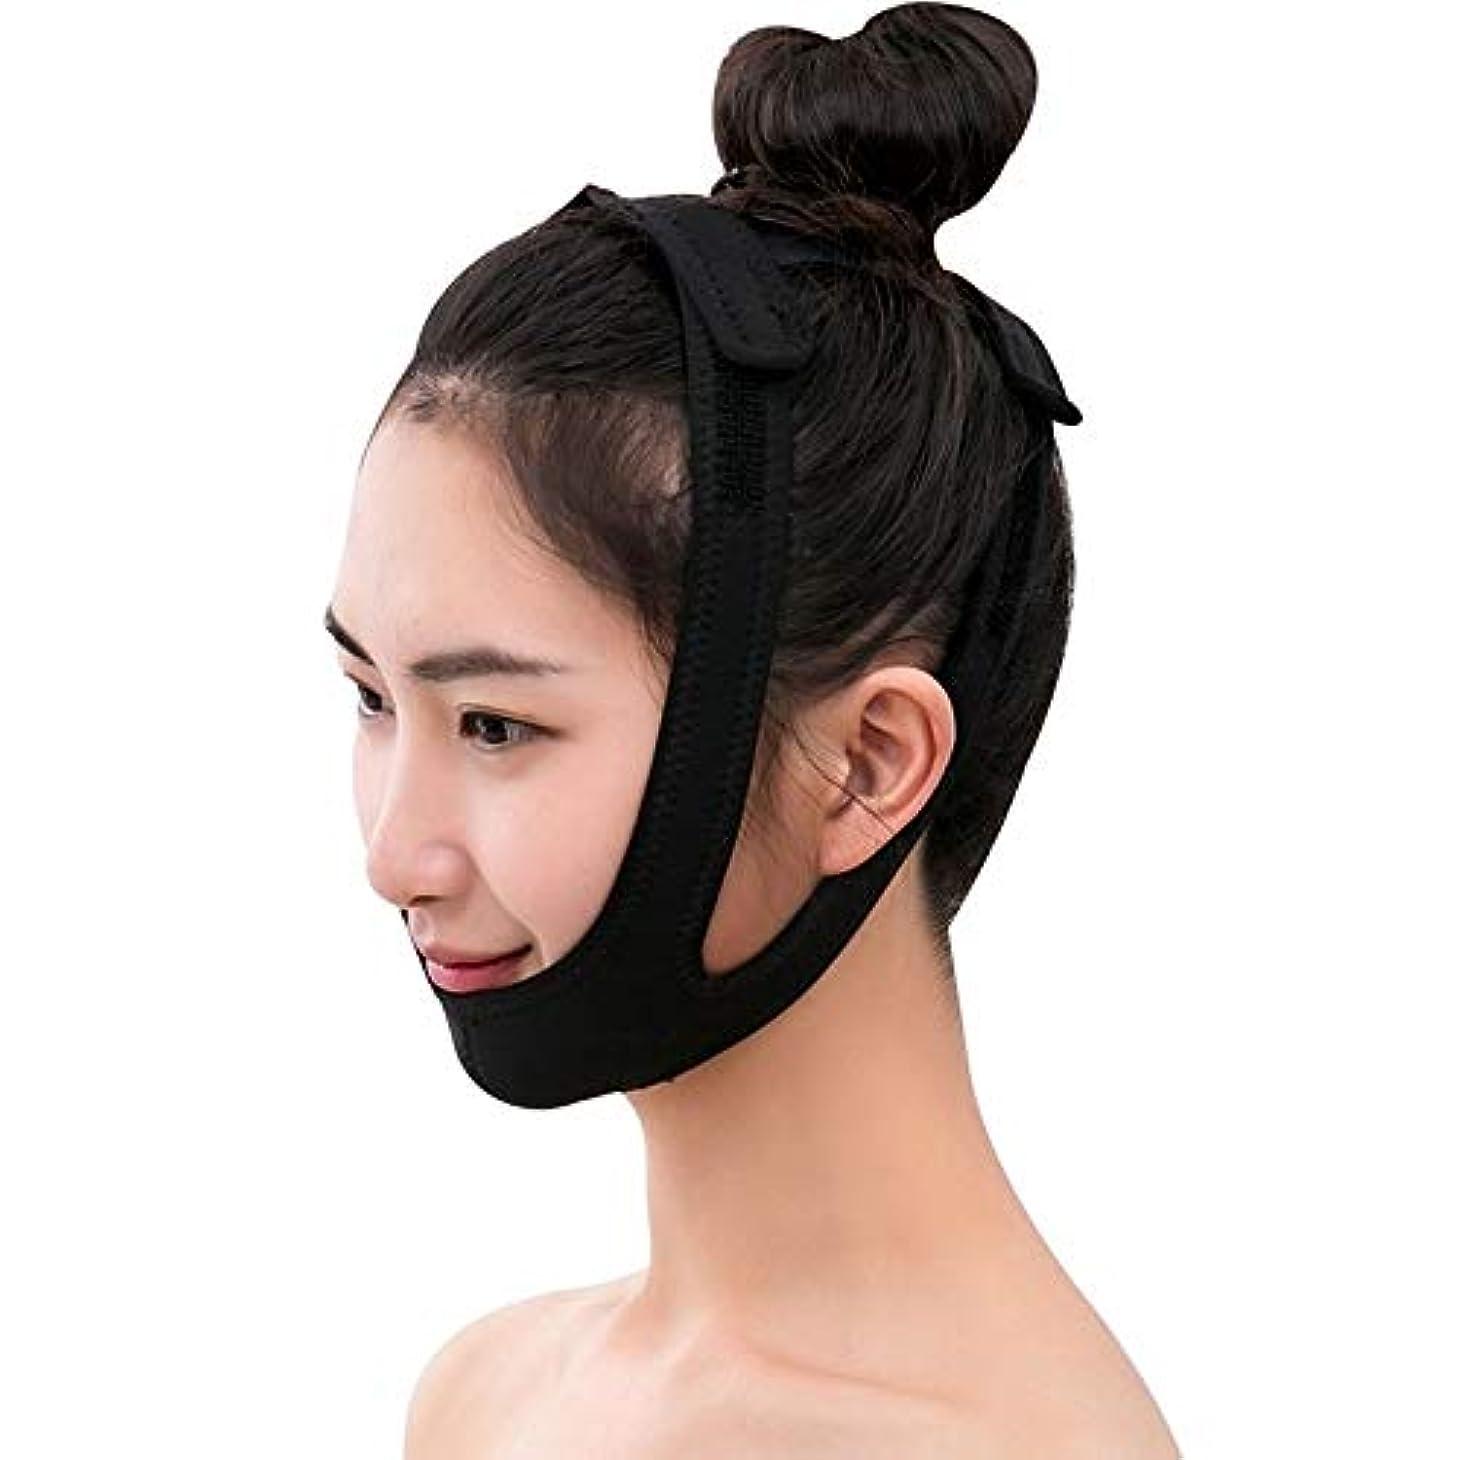 アーサーコナンドイル人気の誘惑Jia Jia- 強力なフェイスリフトアーチファクト術後回復ライン彫刻フェイシャルリフト睡眠リフティングフェイス引き締めVフェイス包帯 - 黒 顔面包帯